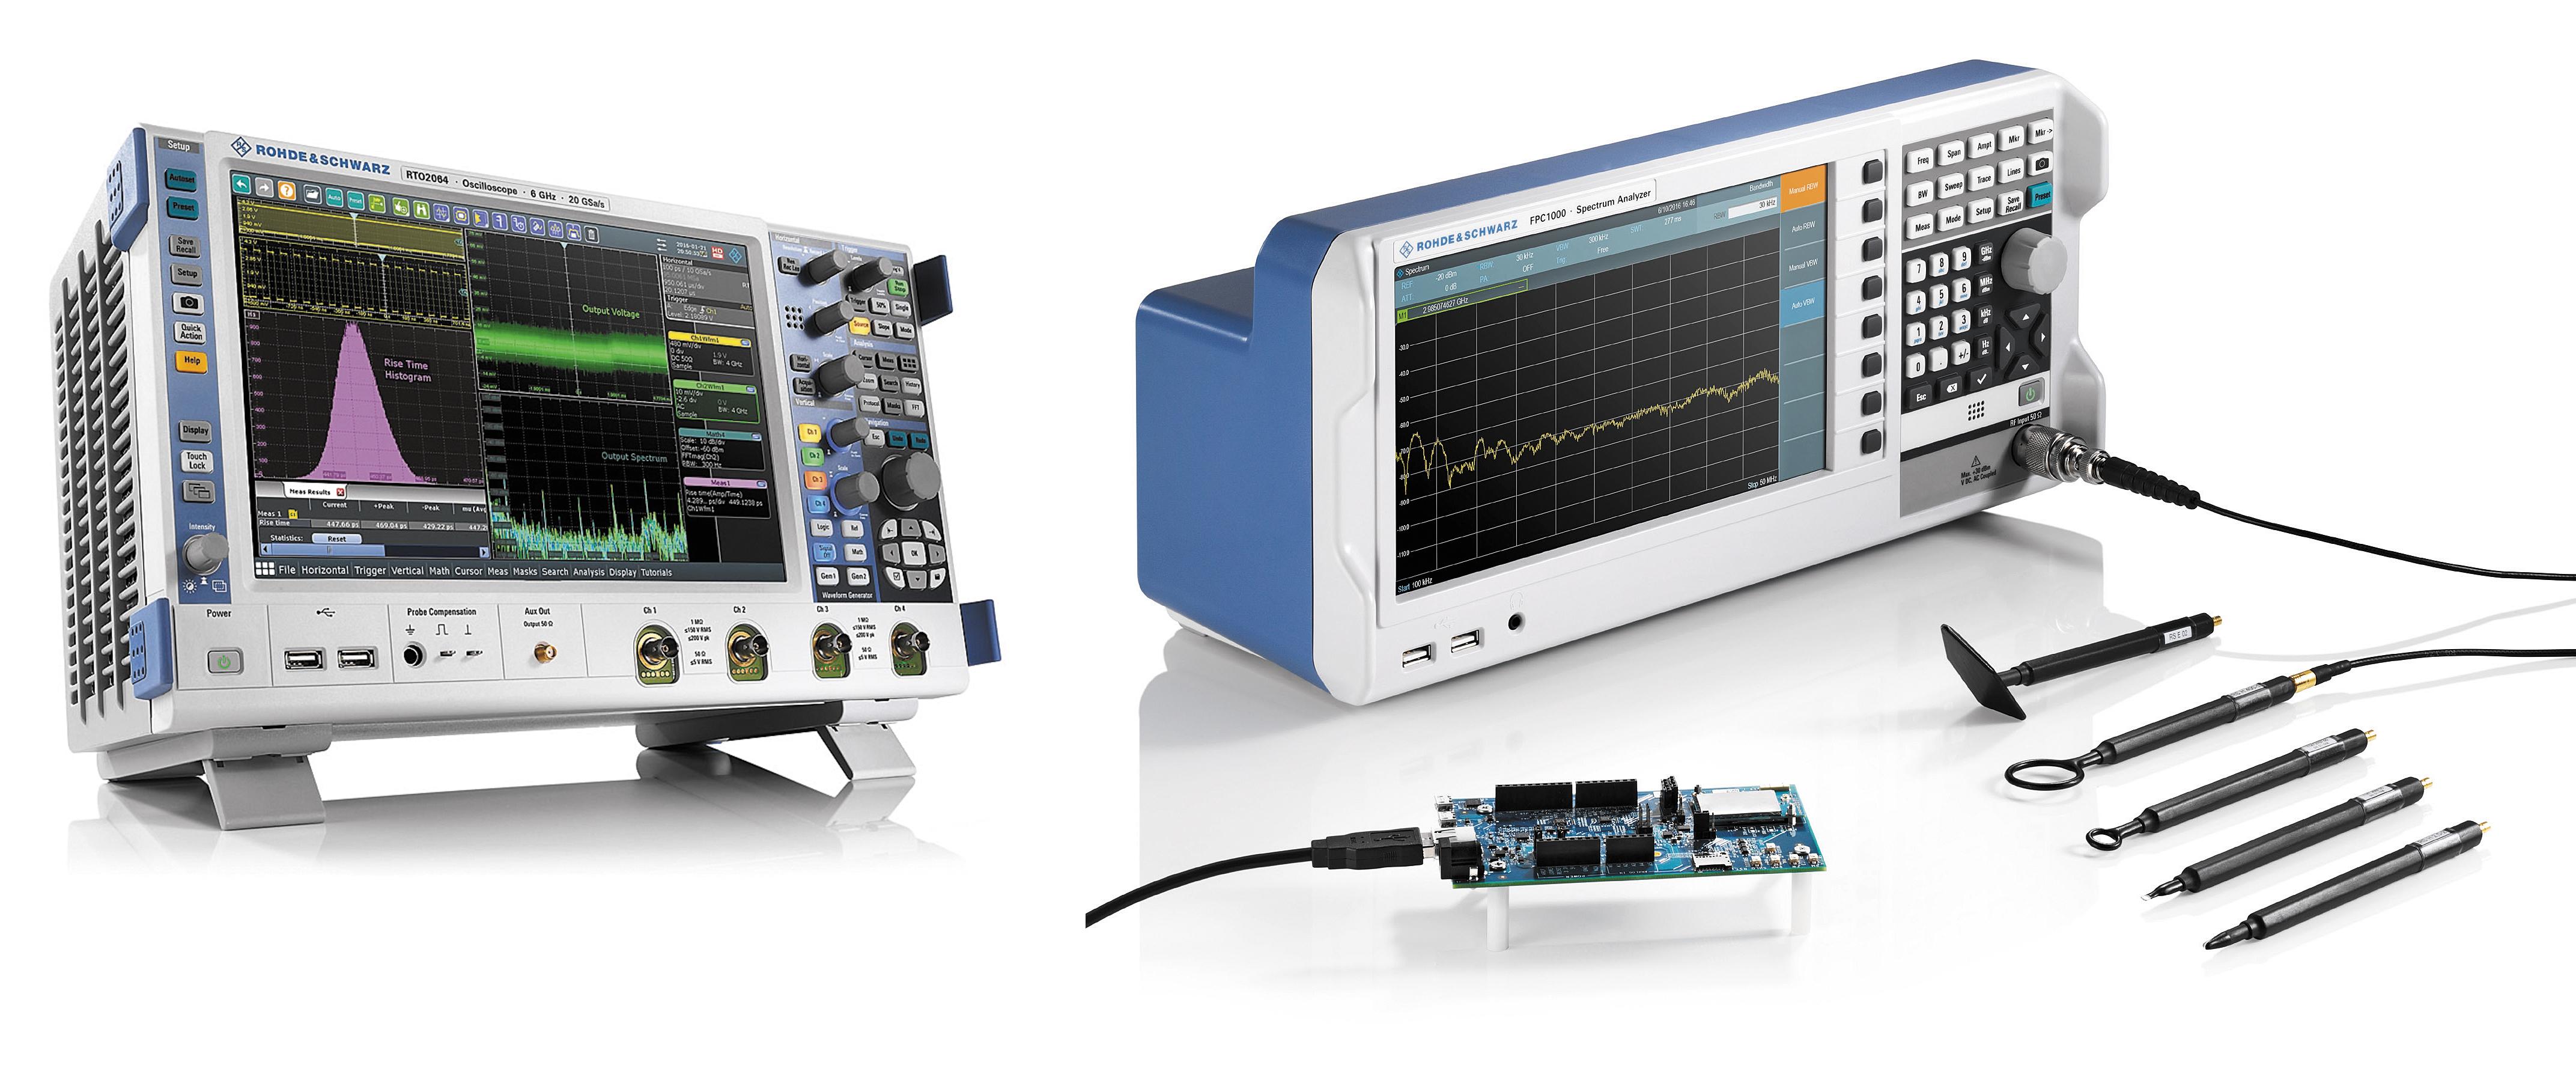 10,1-дюймовый емкостный сенсорный экран осциллографа R&S RTO2000 компании Rohde & Schwarz позволяет пользователям быстро перемещаться по всплывающим меню и регулировать масштабирование путем увеличения или перемещения сигнала. Внизу показан анализатор спектра серии R&S FPC с пробниками ближнего поля